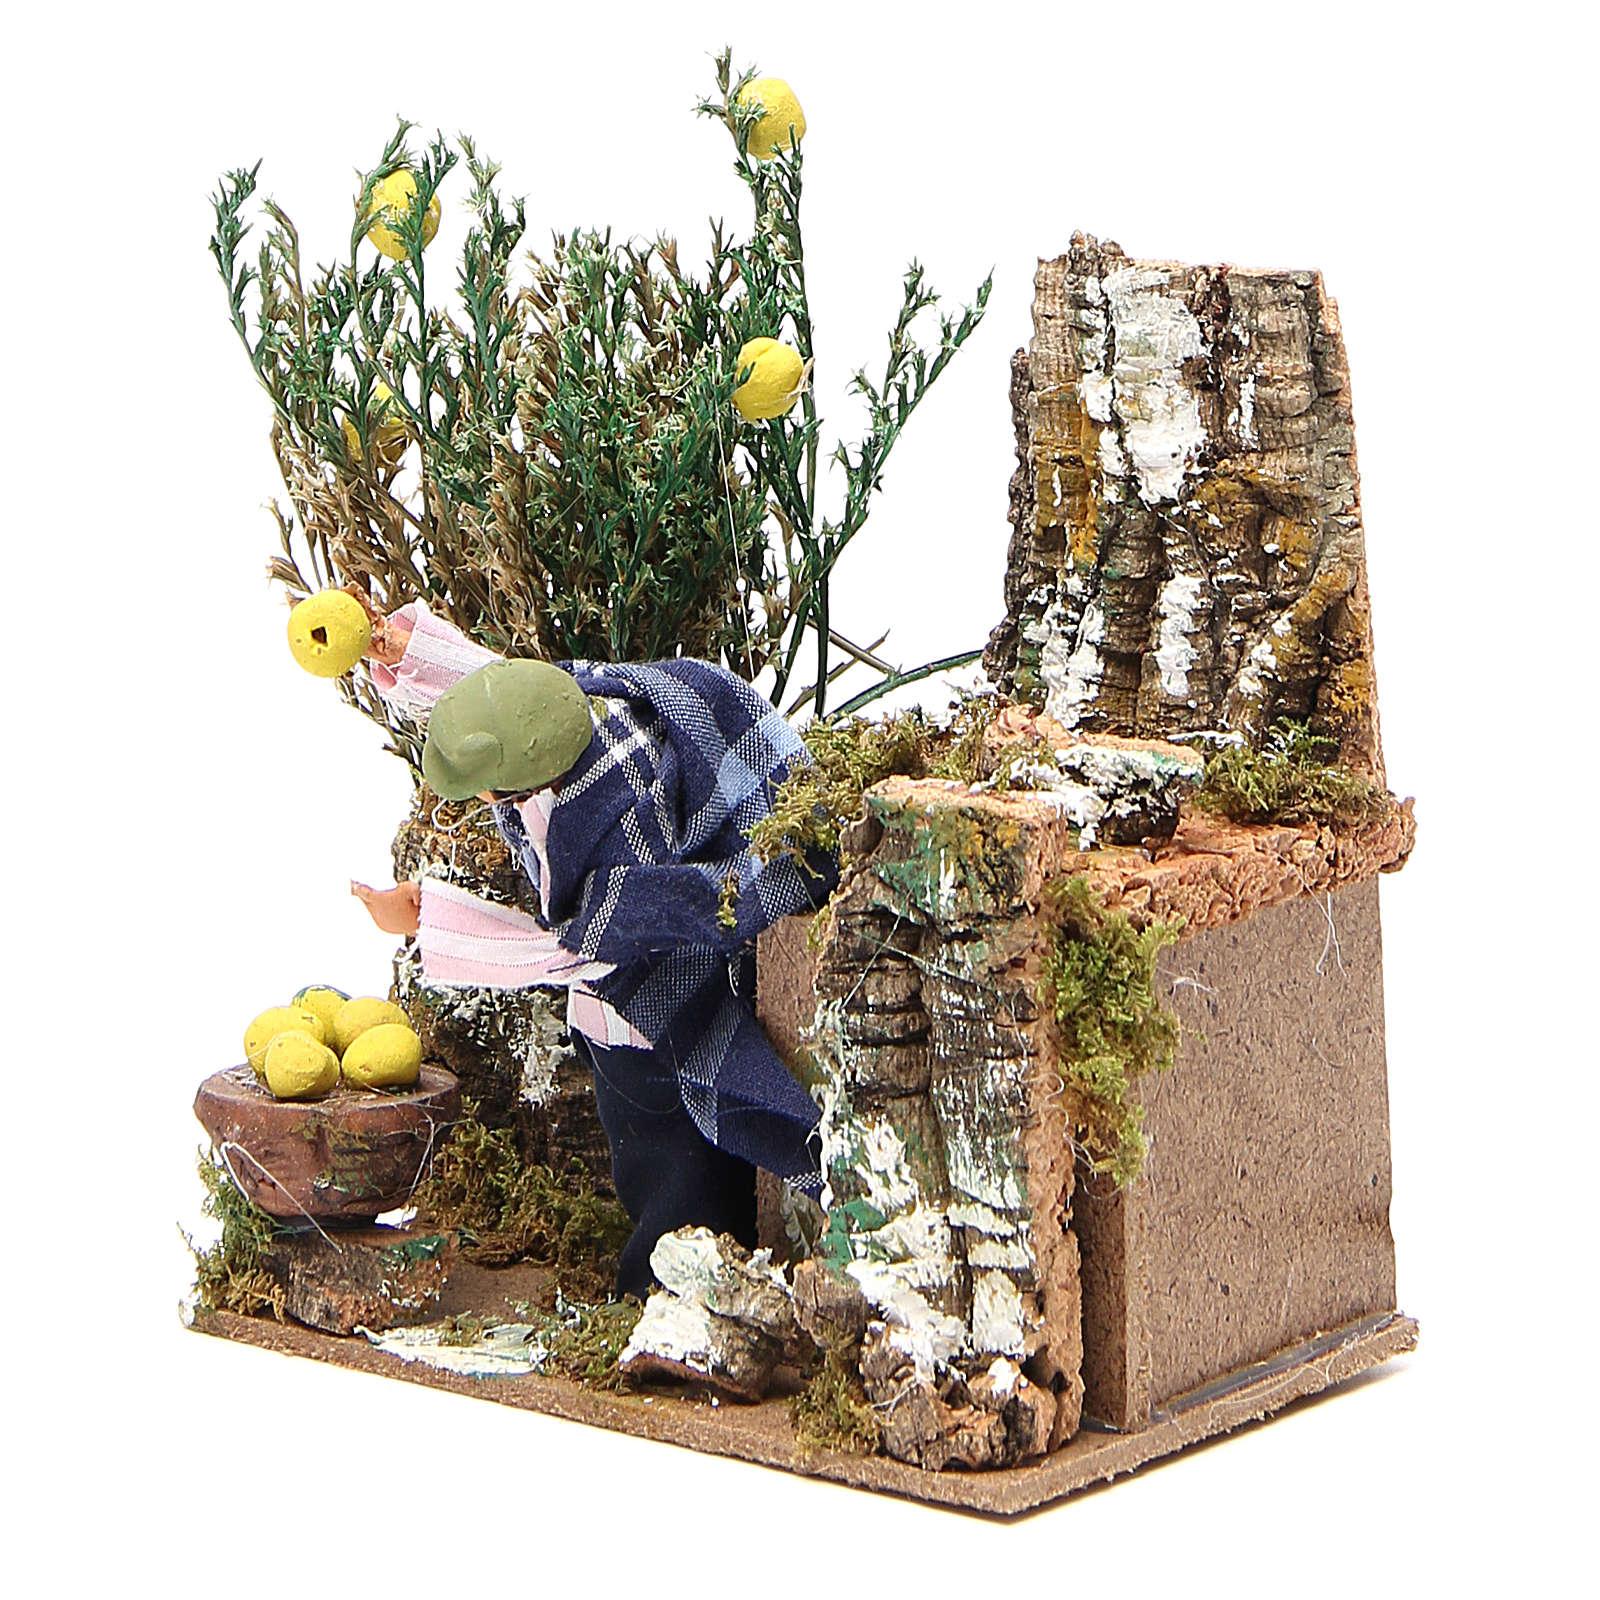 Człowiek zbierający cytryny 10cm figurka ruchoma do szopki 3